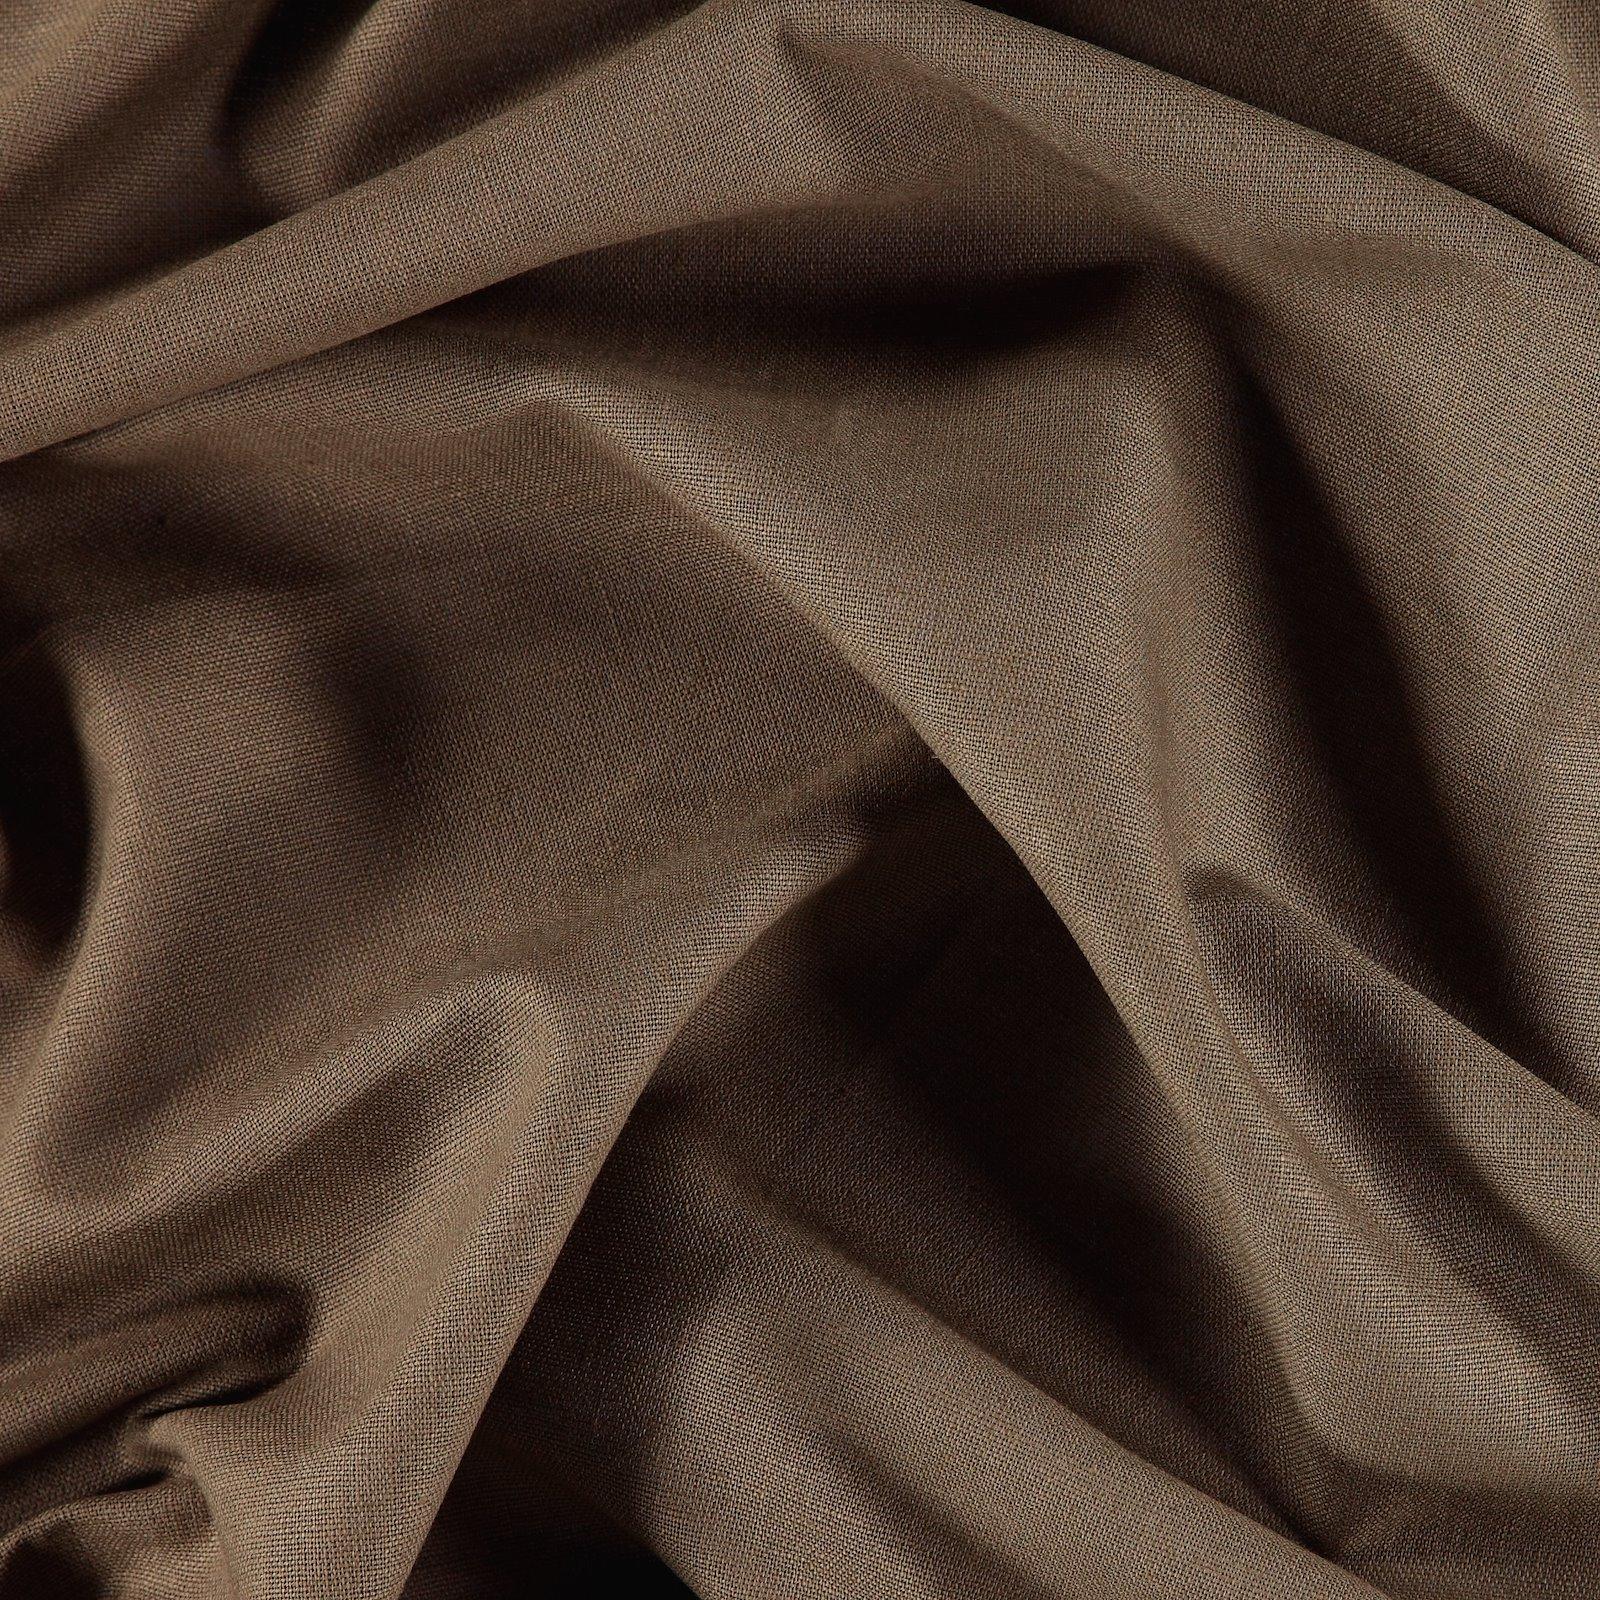 Linen/cotton light walnut 410126_pack